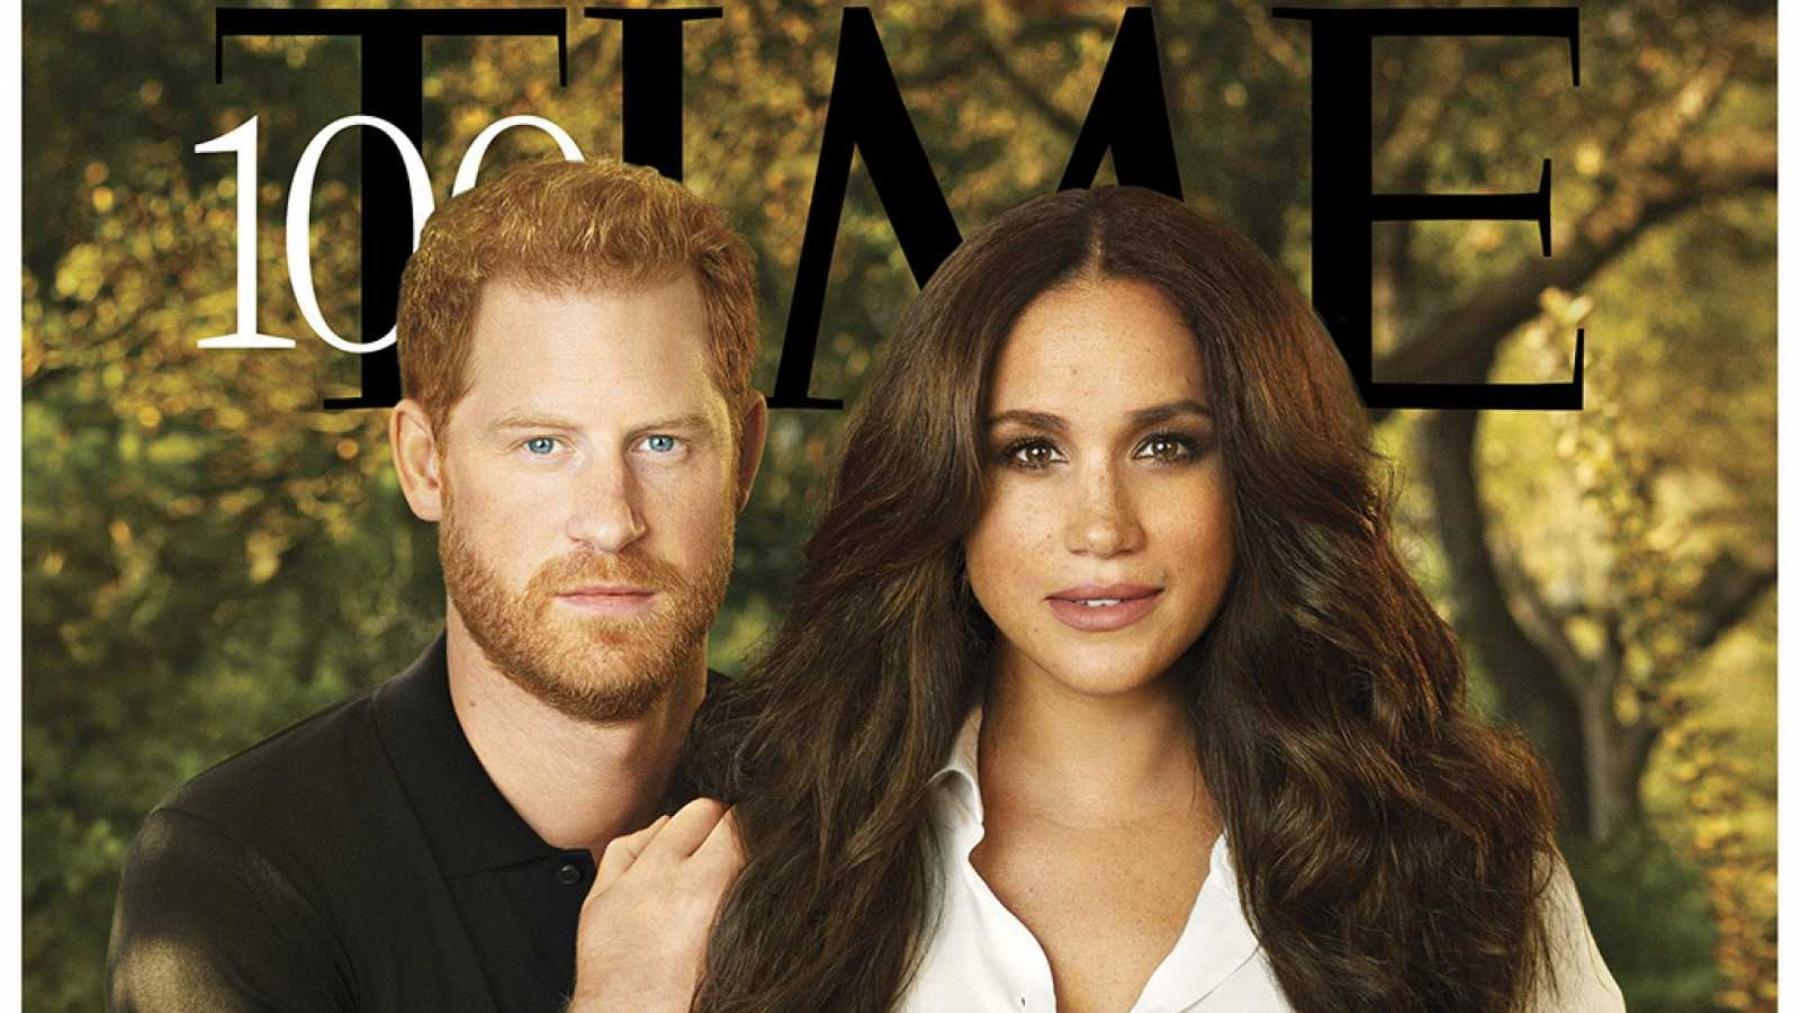 100 influyentes según la revista Time. (Foto: Time)